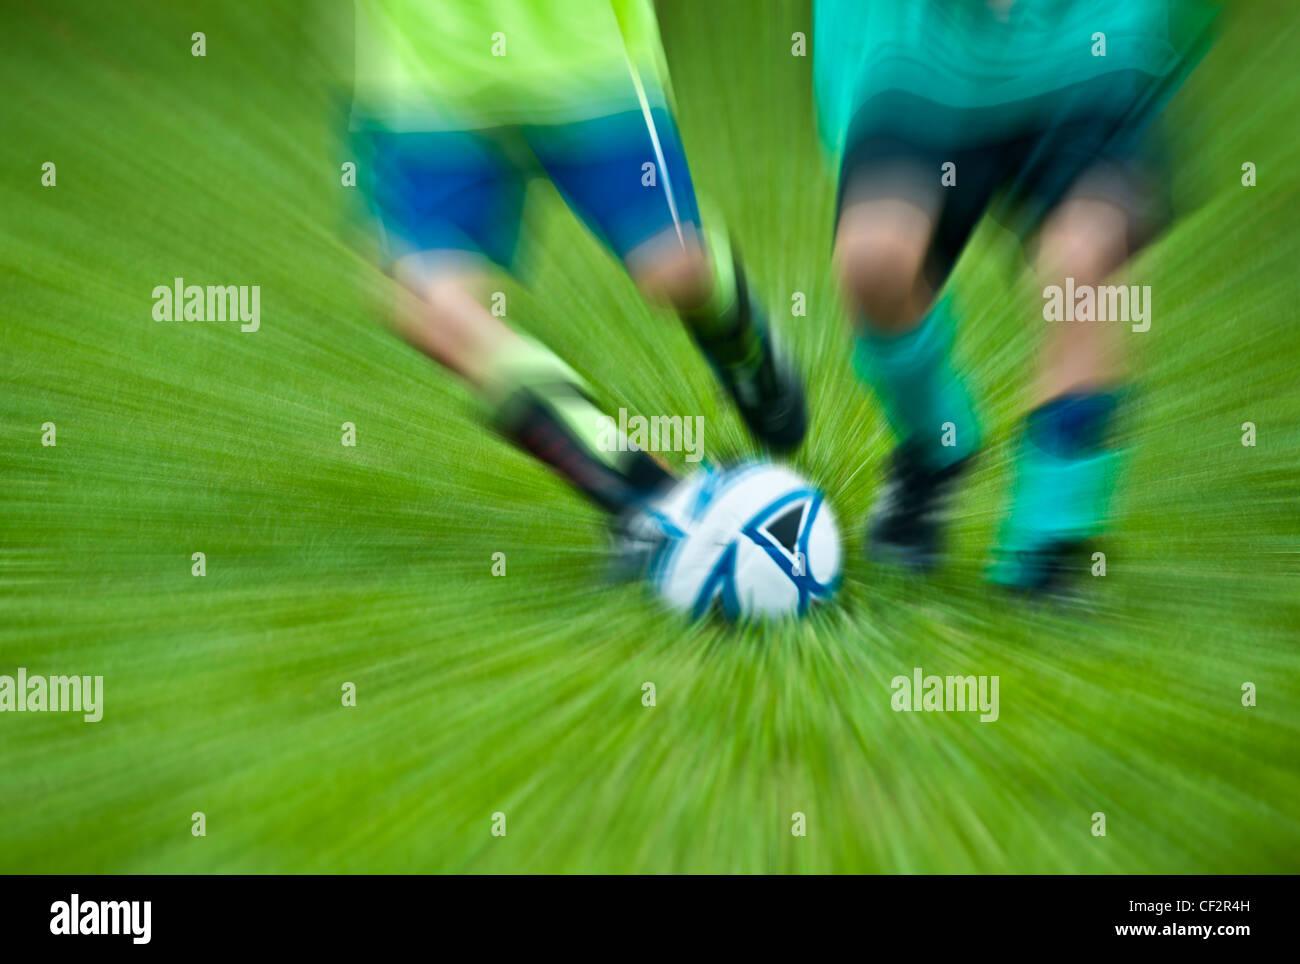 Jeu de soccer pour les jeunes garçons. Photo Stock